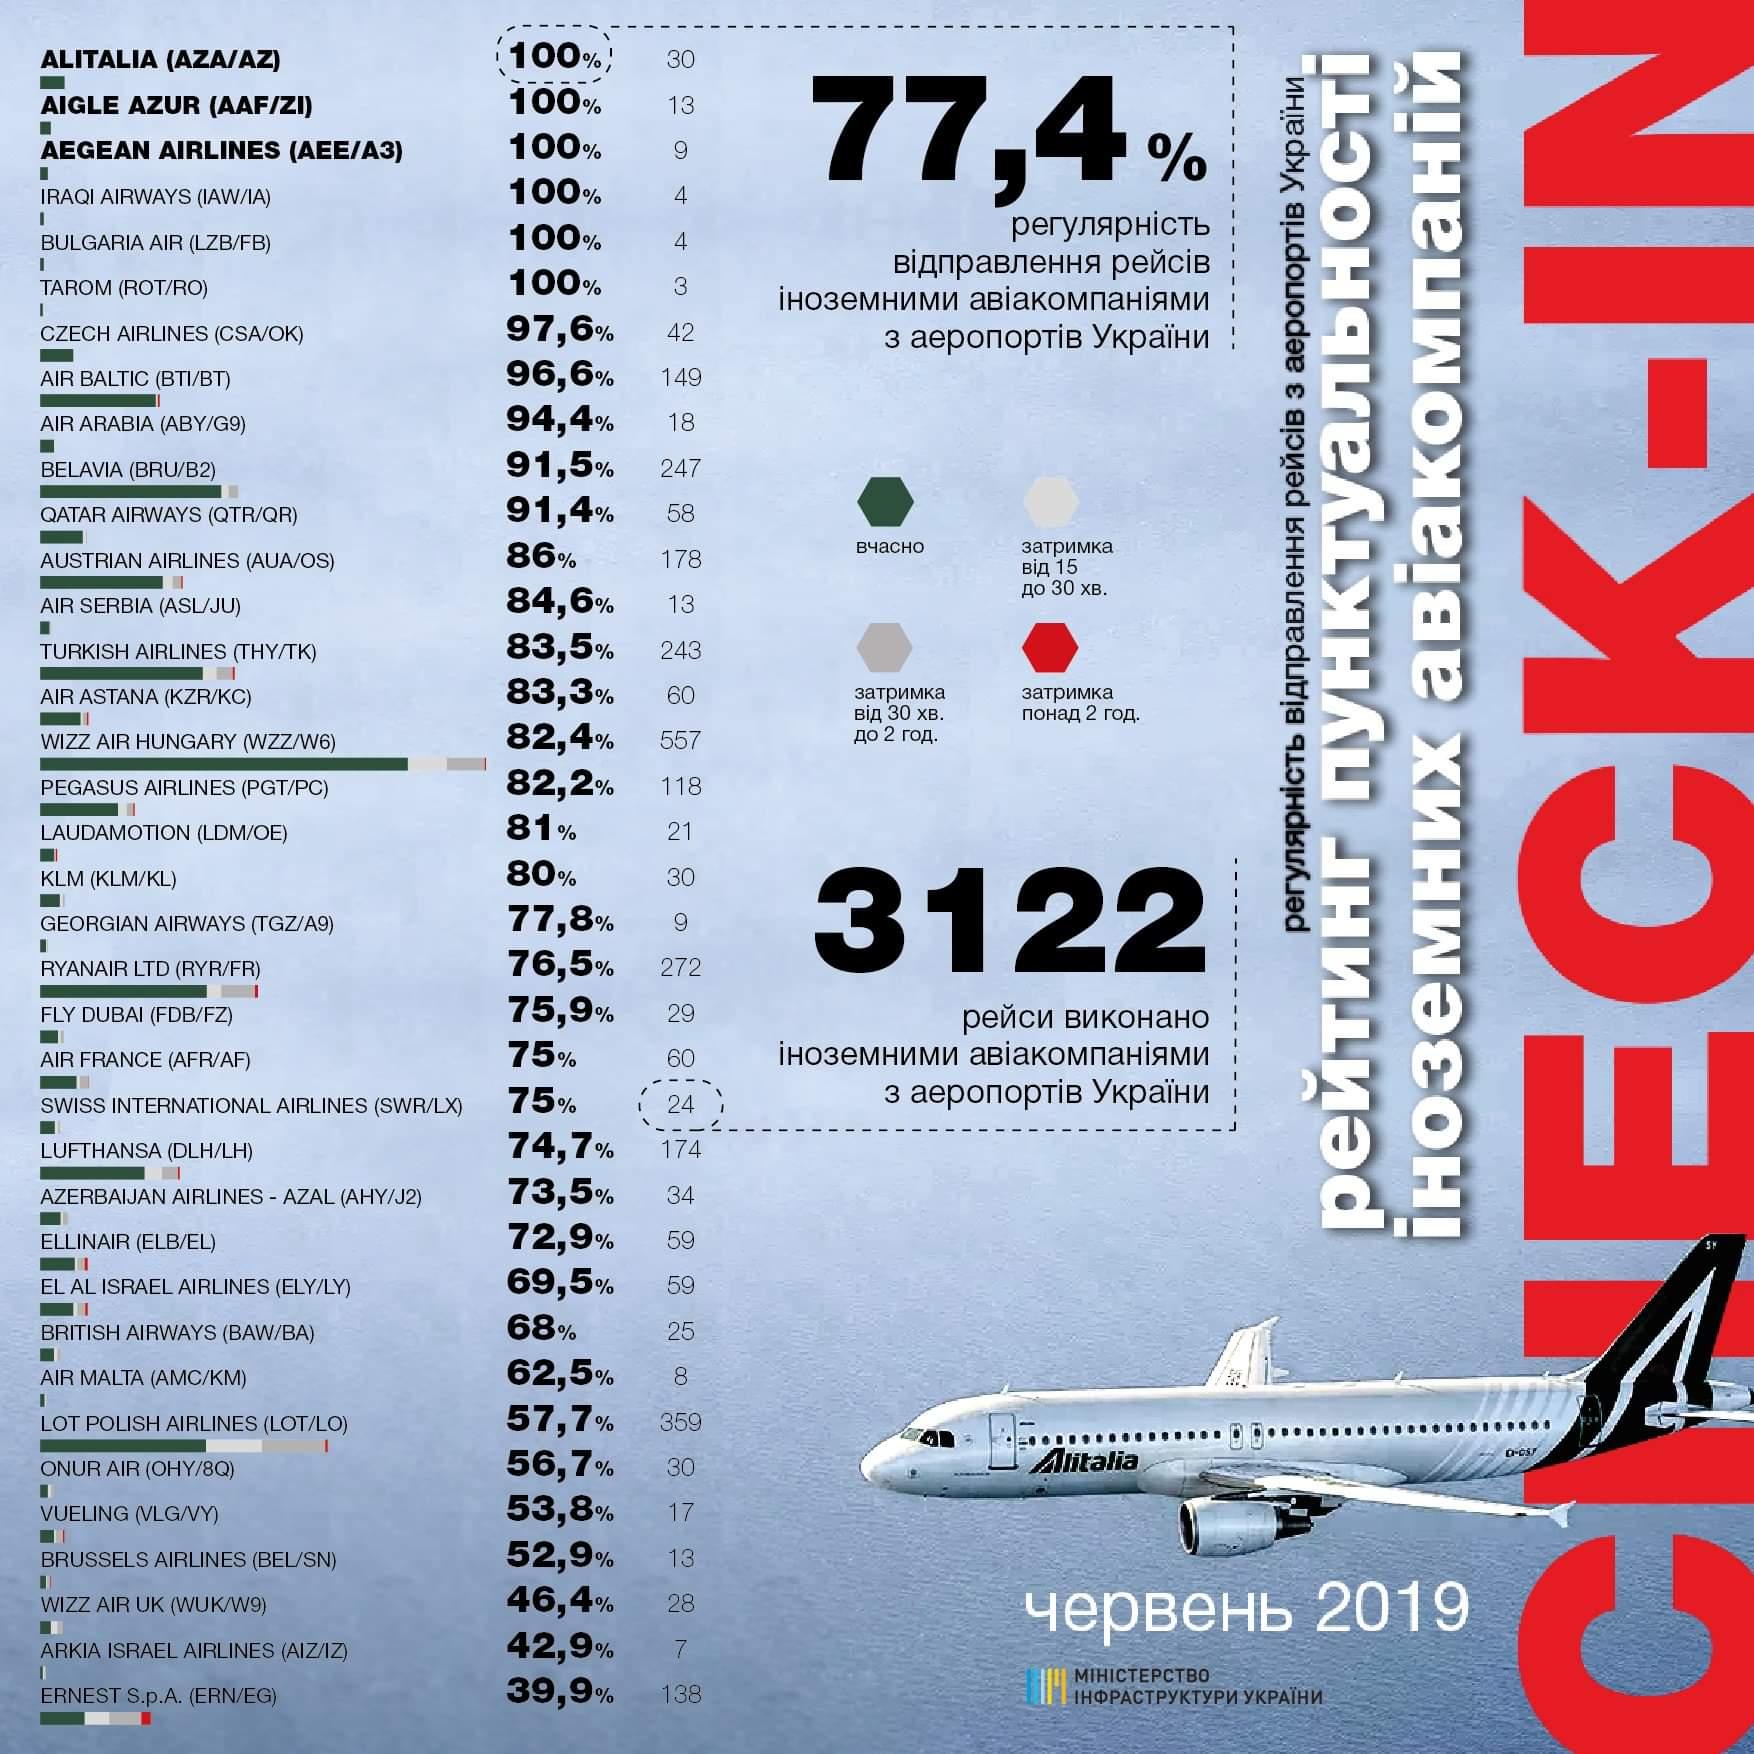 Рейтинг пунктуальности иностранных авиакомпаний при вылете из аэропортов Украины в июне 2019 года